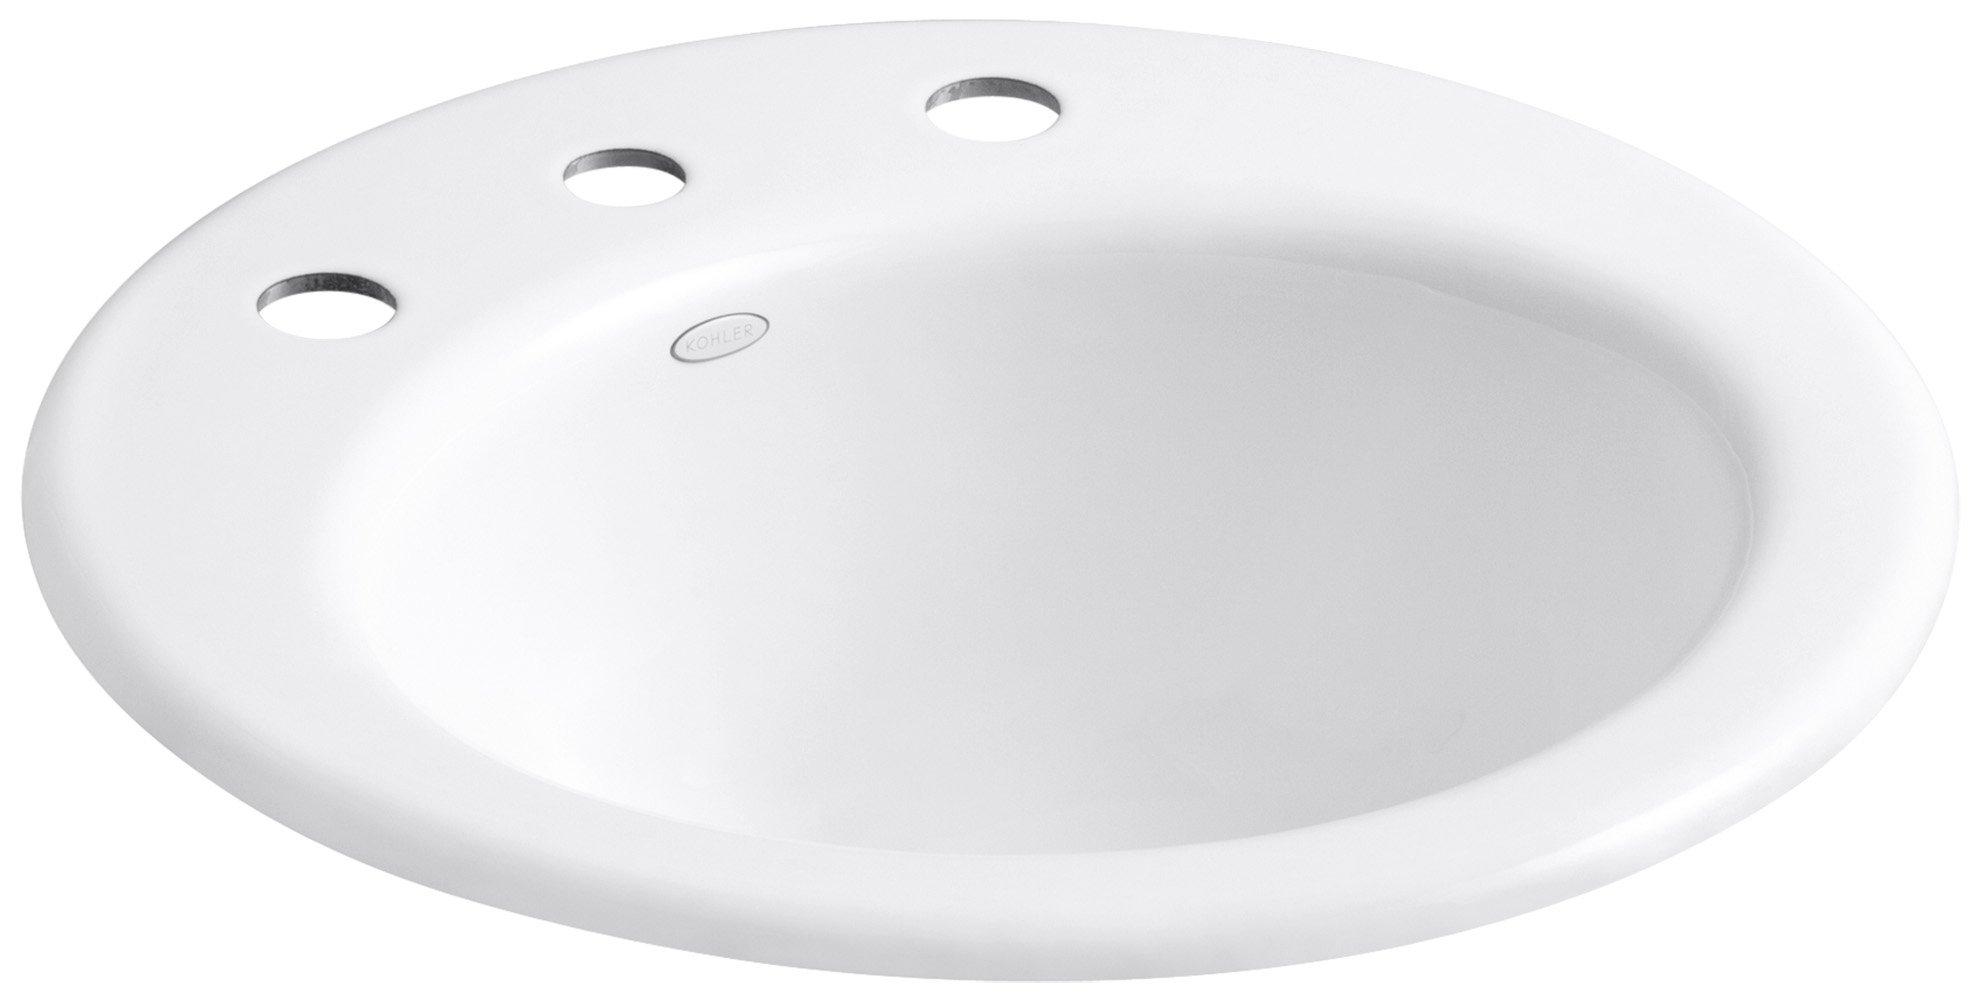 KOHLER K-2917-8-0 Radiant Self-Rimming Bathroom Sink, White